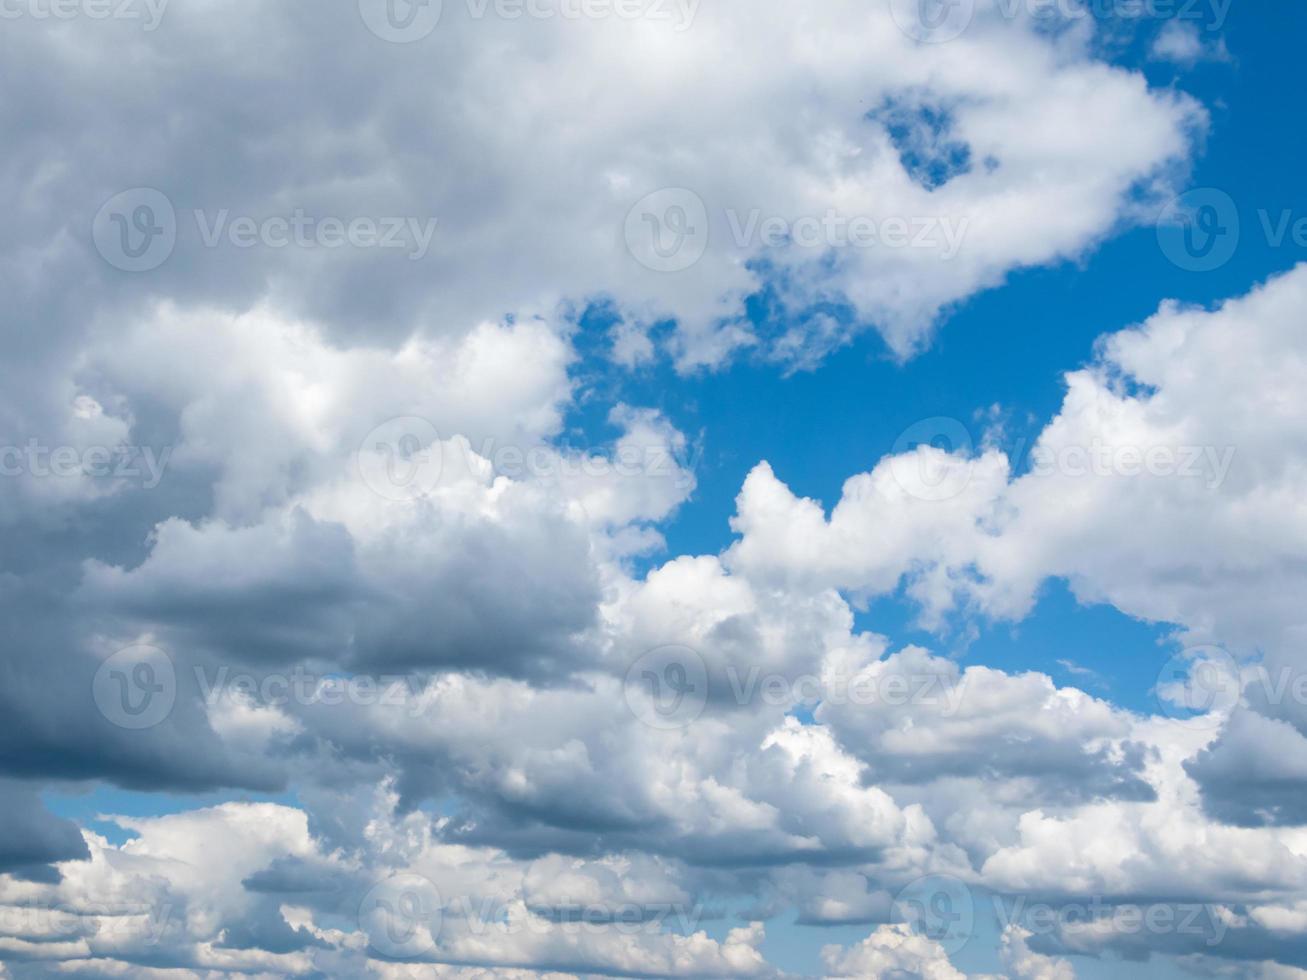 nuages de laine dans le ciel bleu photo